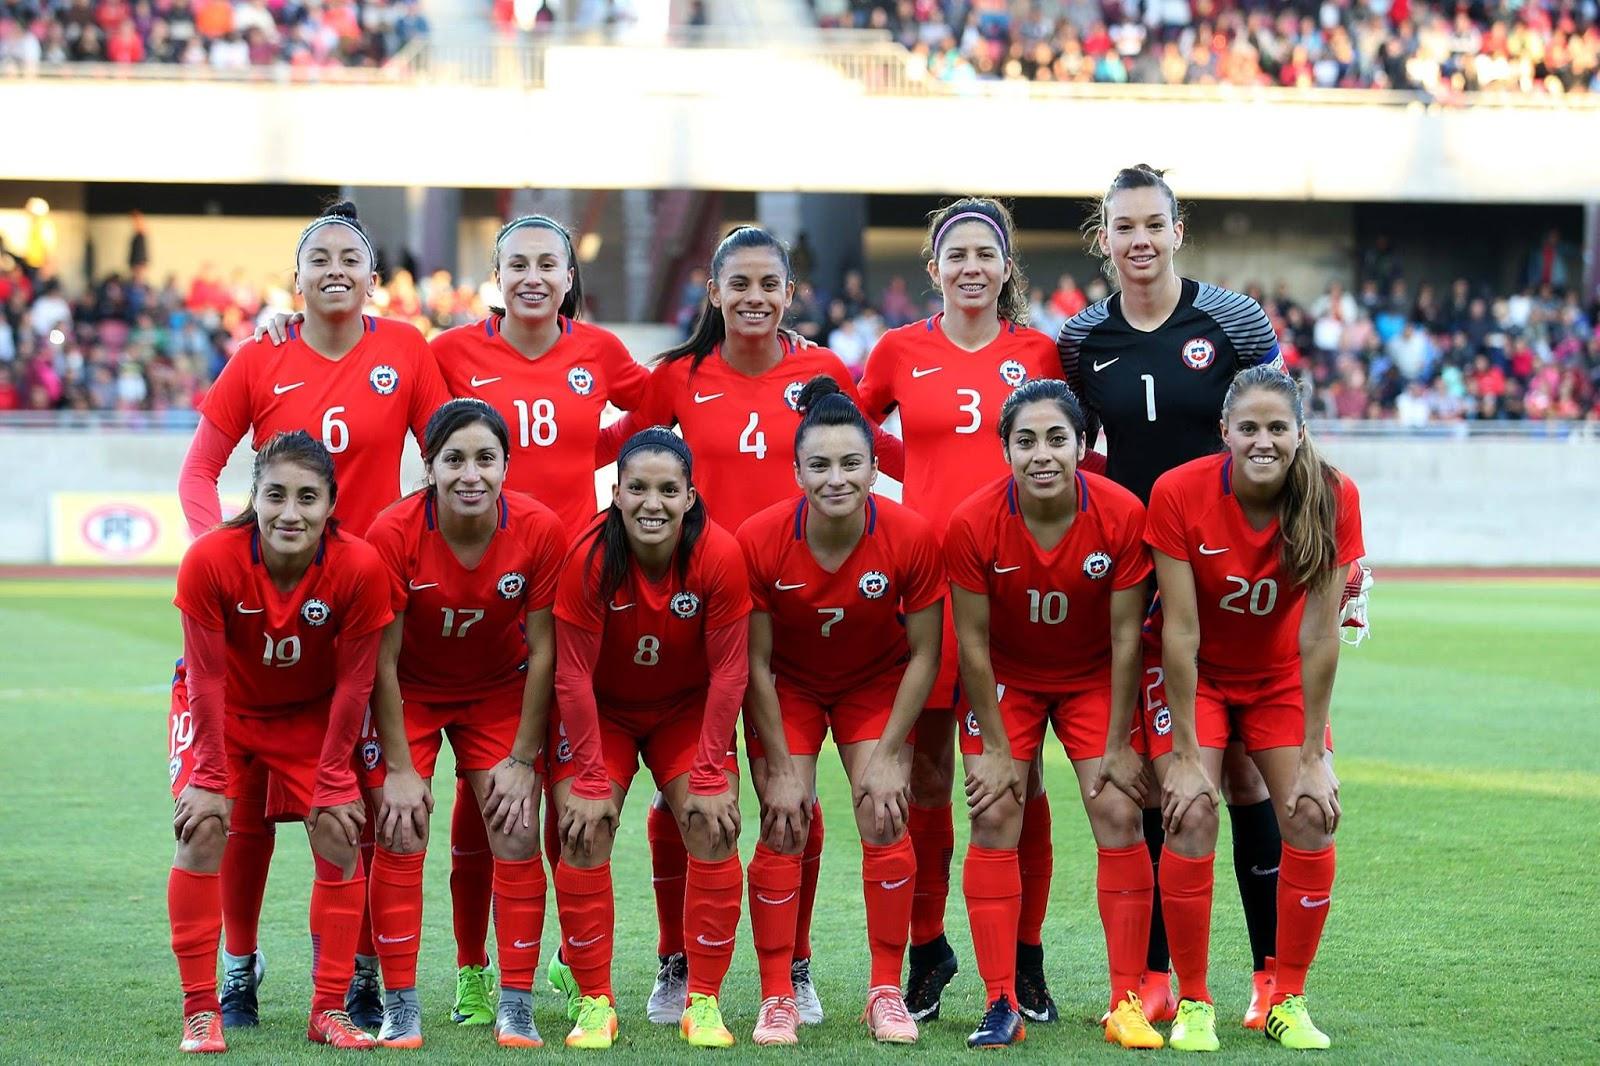 Formación de selección femenina de Chile ante Brasil, amistoso disputado el 28 de noviembre de 2017